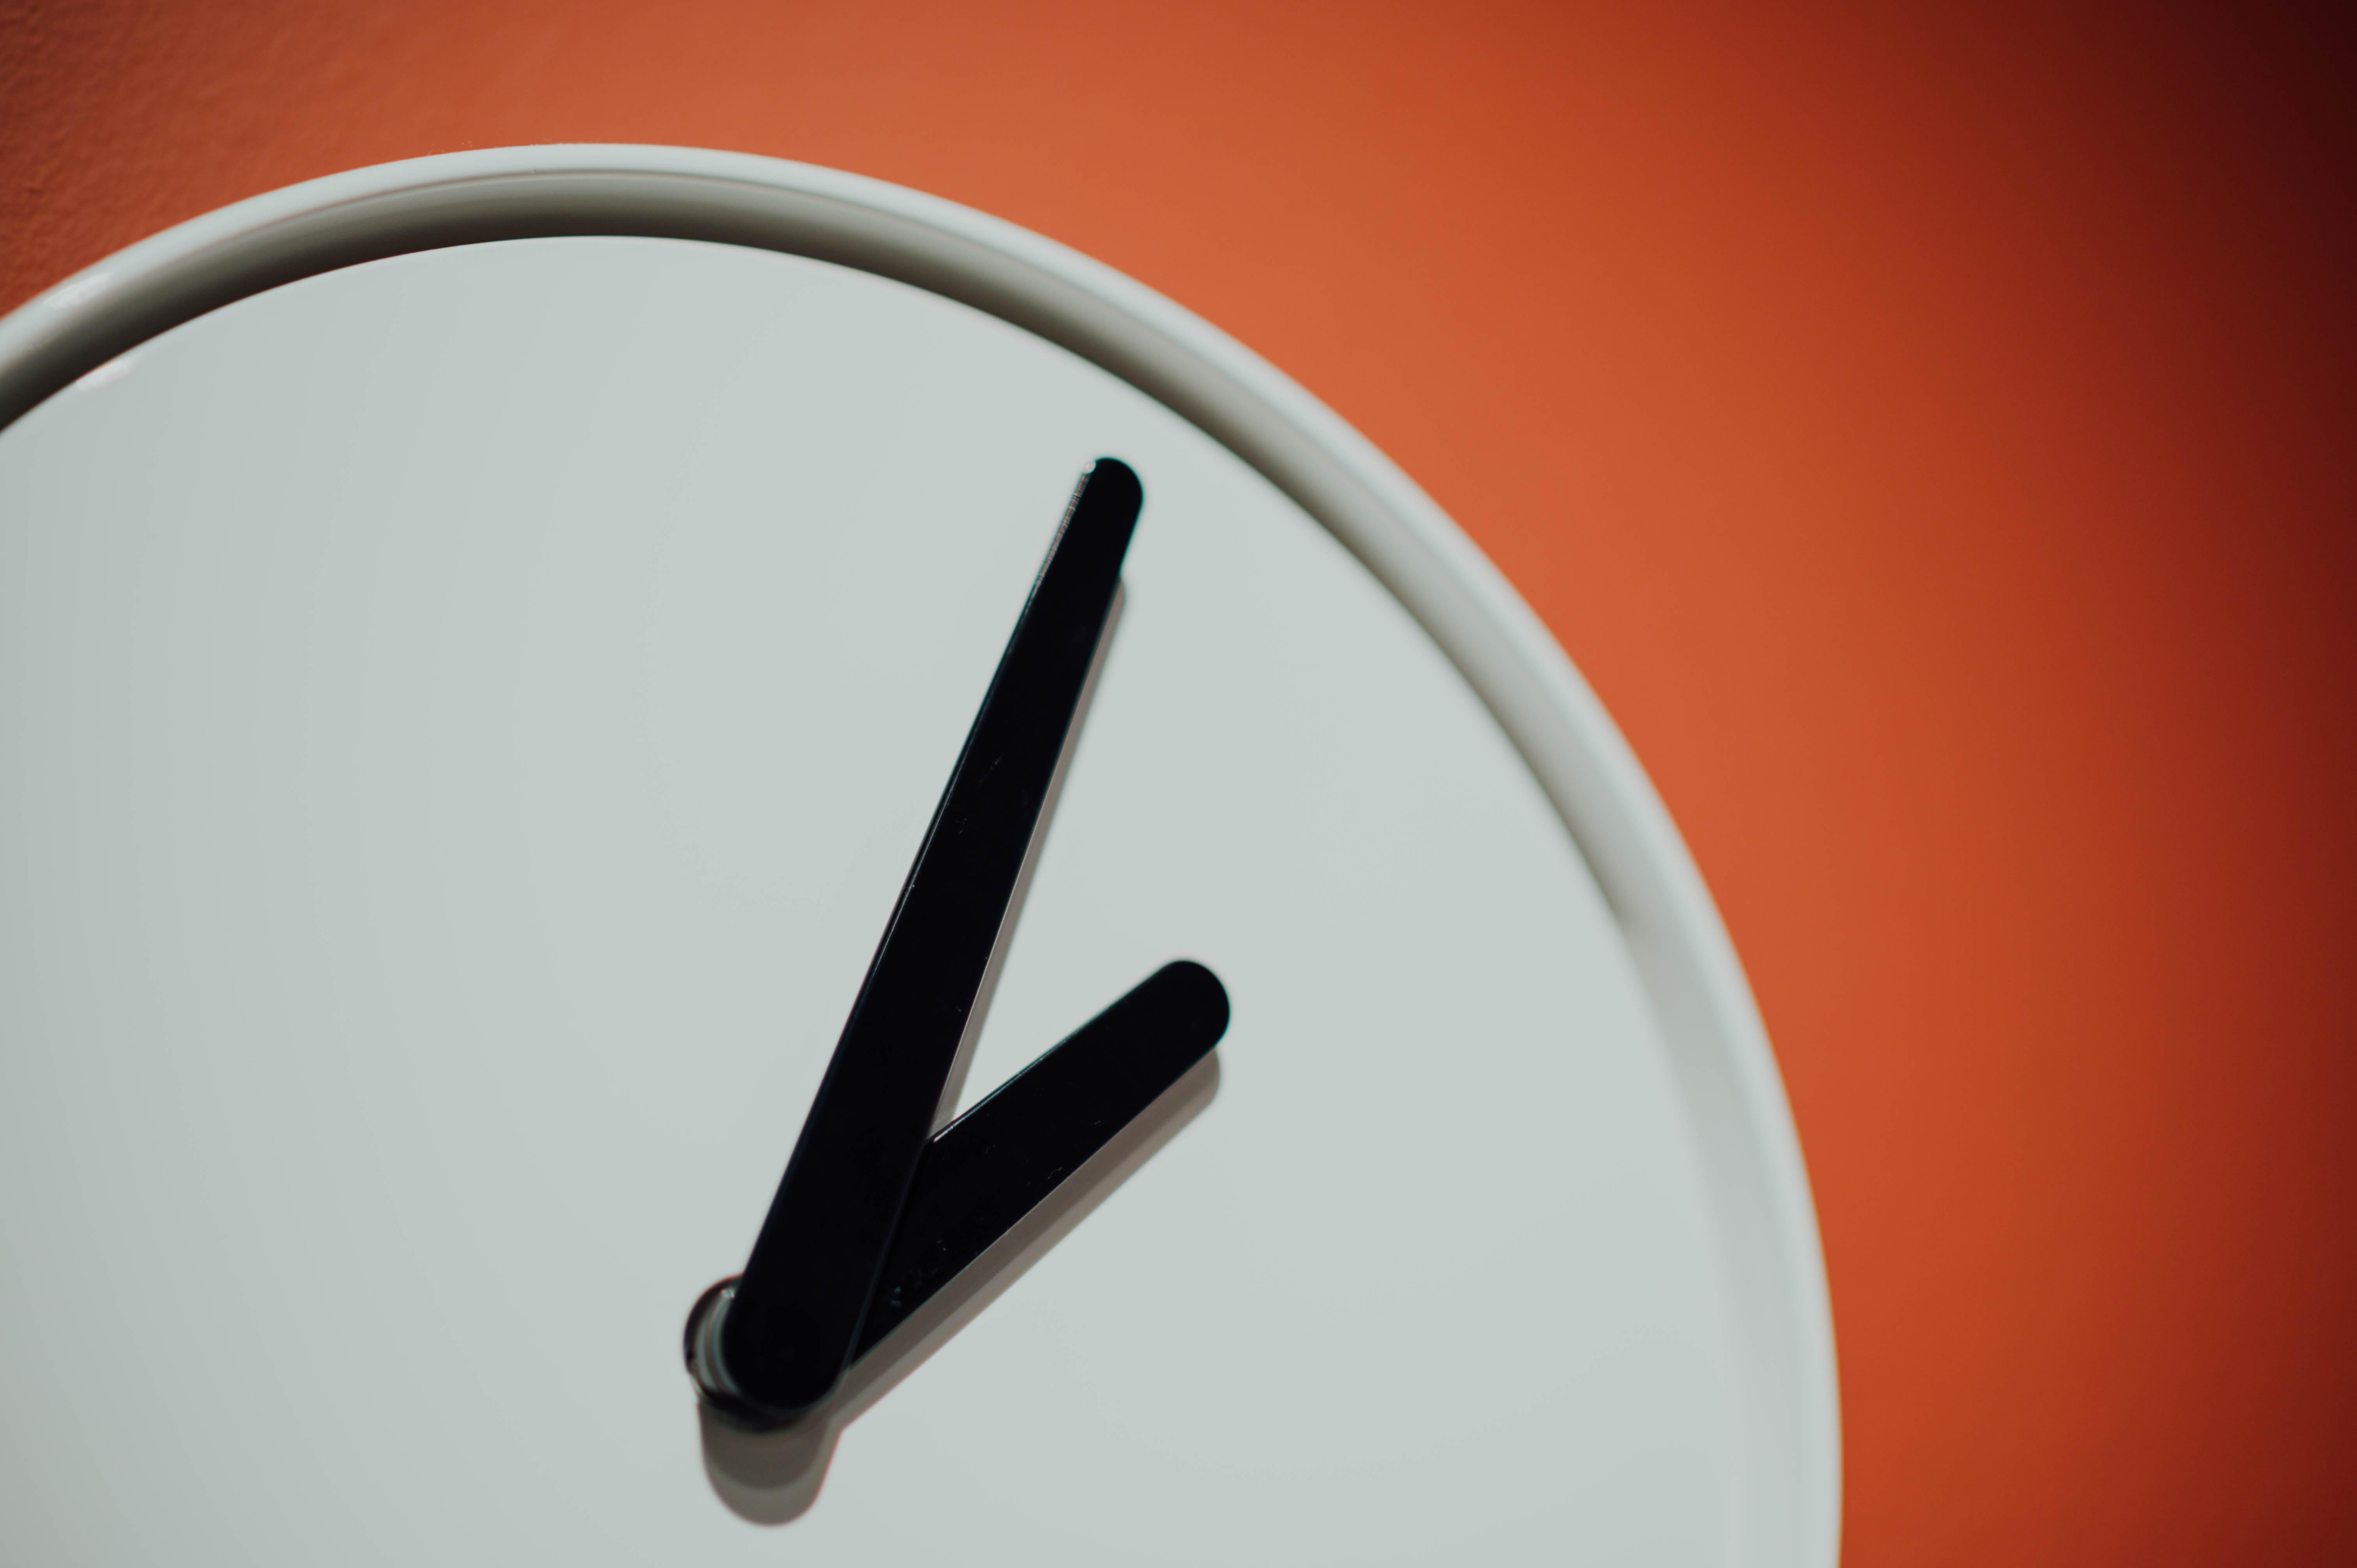 6. Time saver